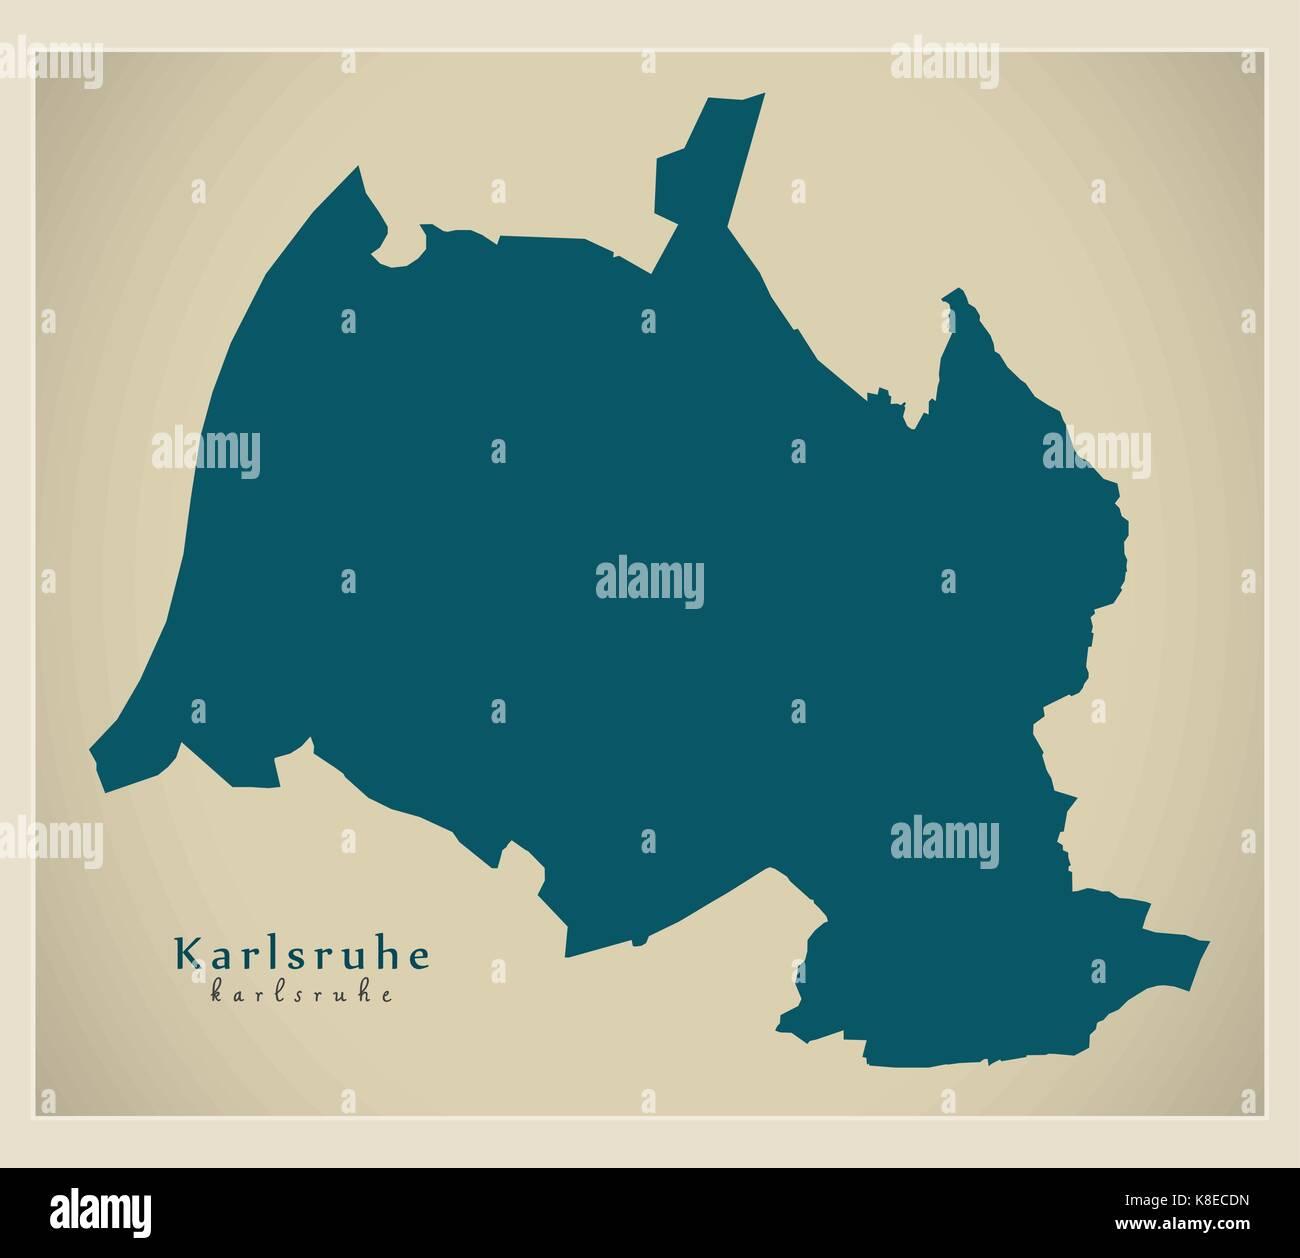 Moderne Karte Karlsruhe Stadt Deutschland De Vektor Abbildung